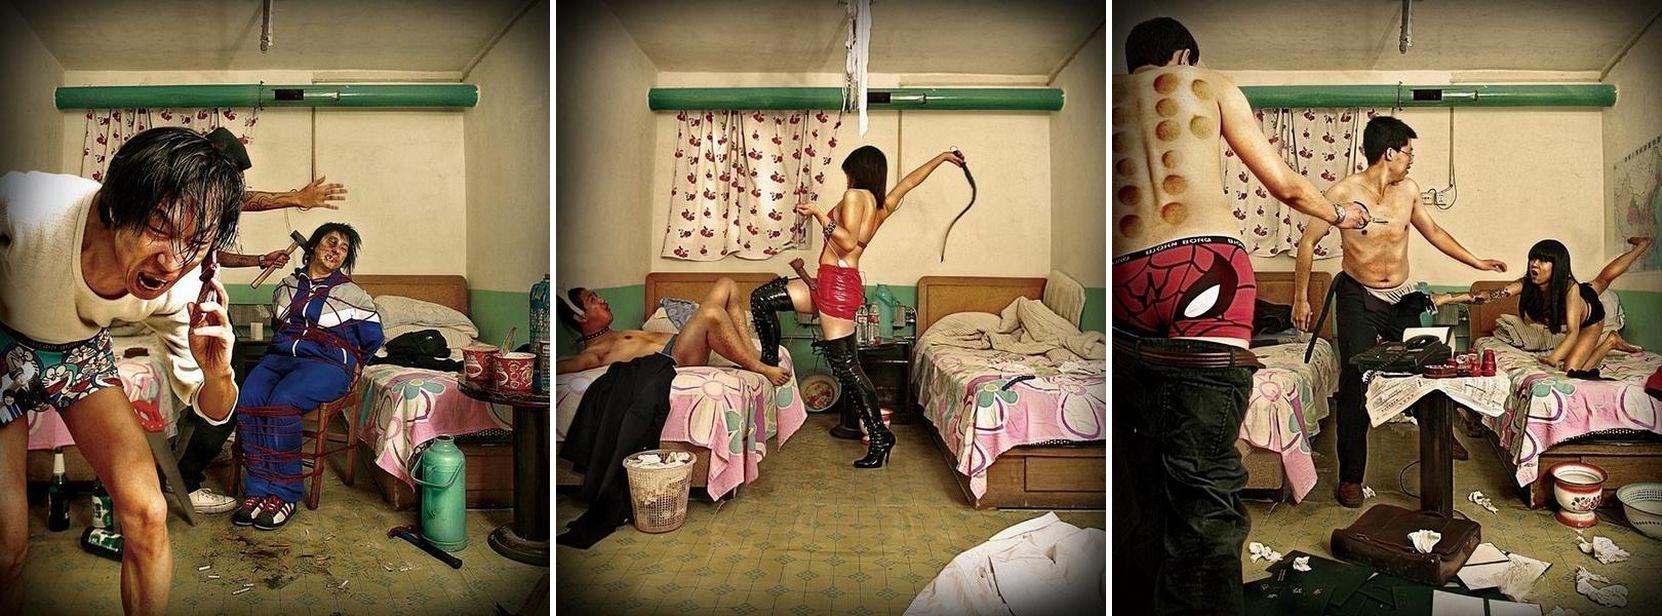 В китайском отеле может случиться всё... Потому читайте мои советы внимательно :) Фото: https://izismile.com/